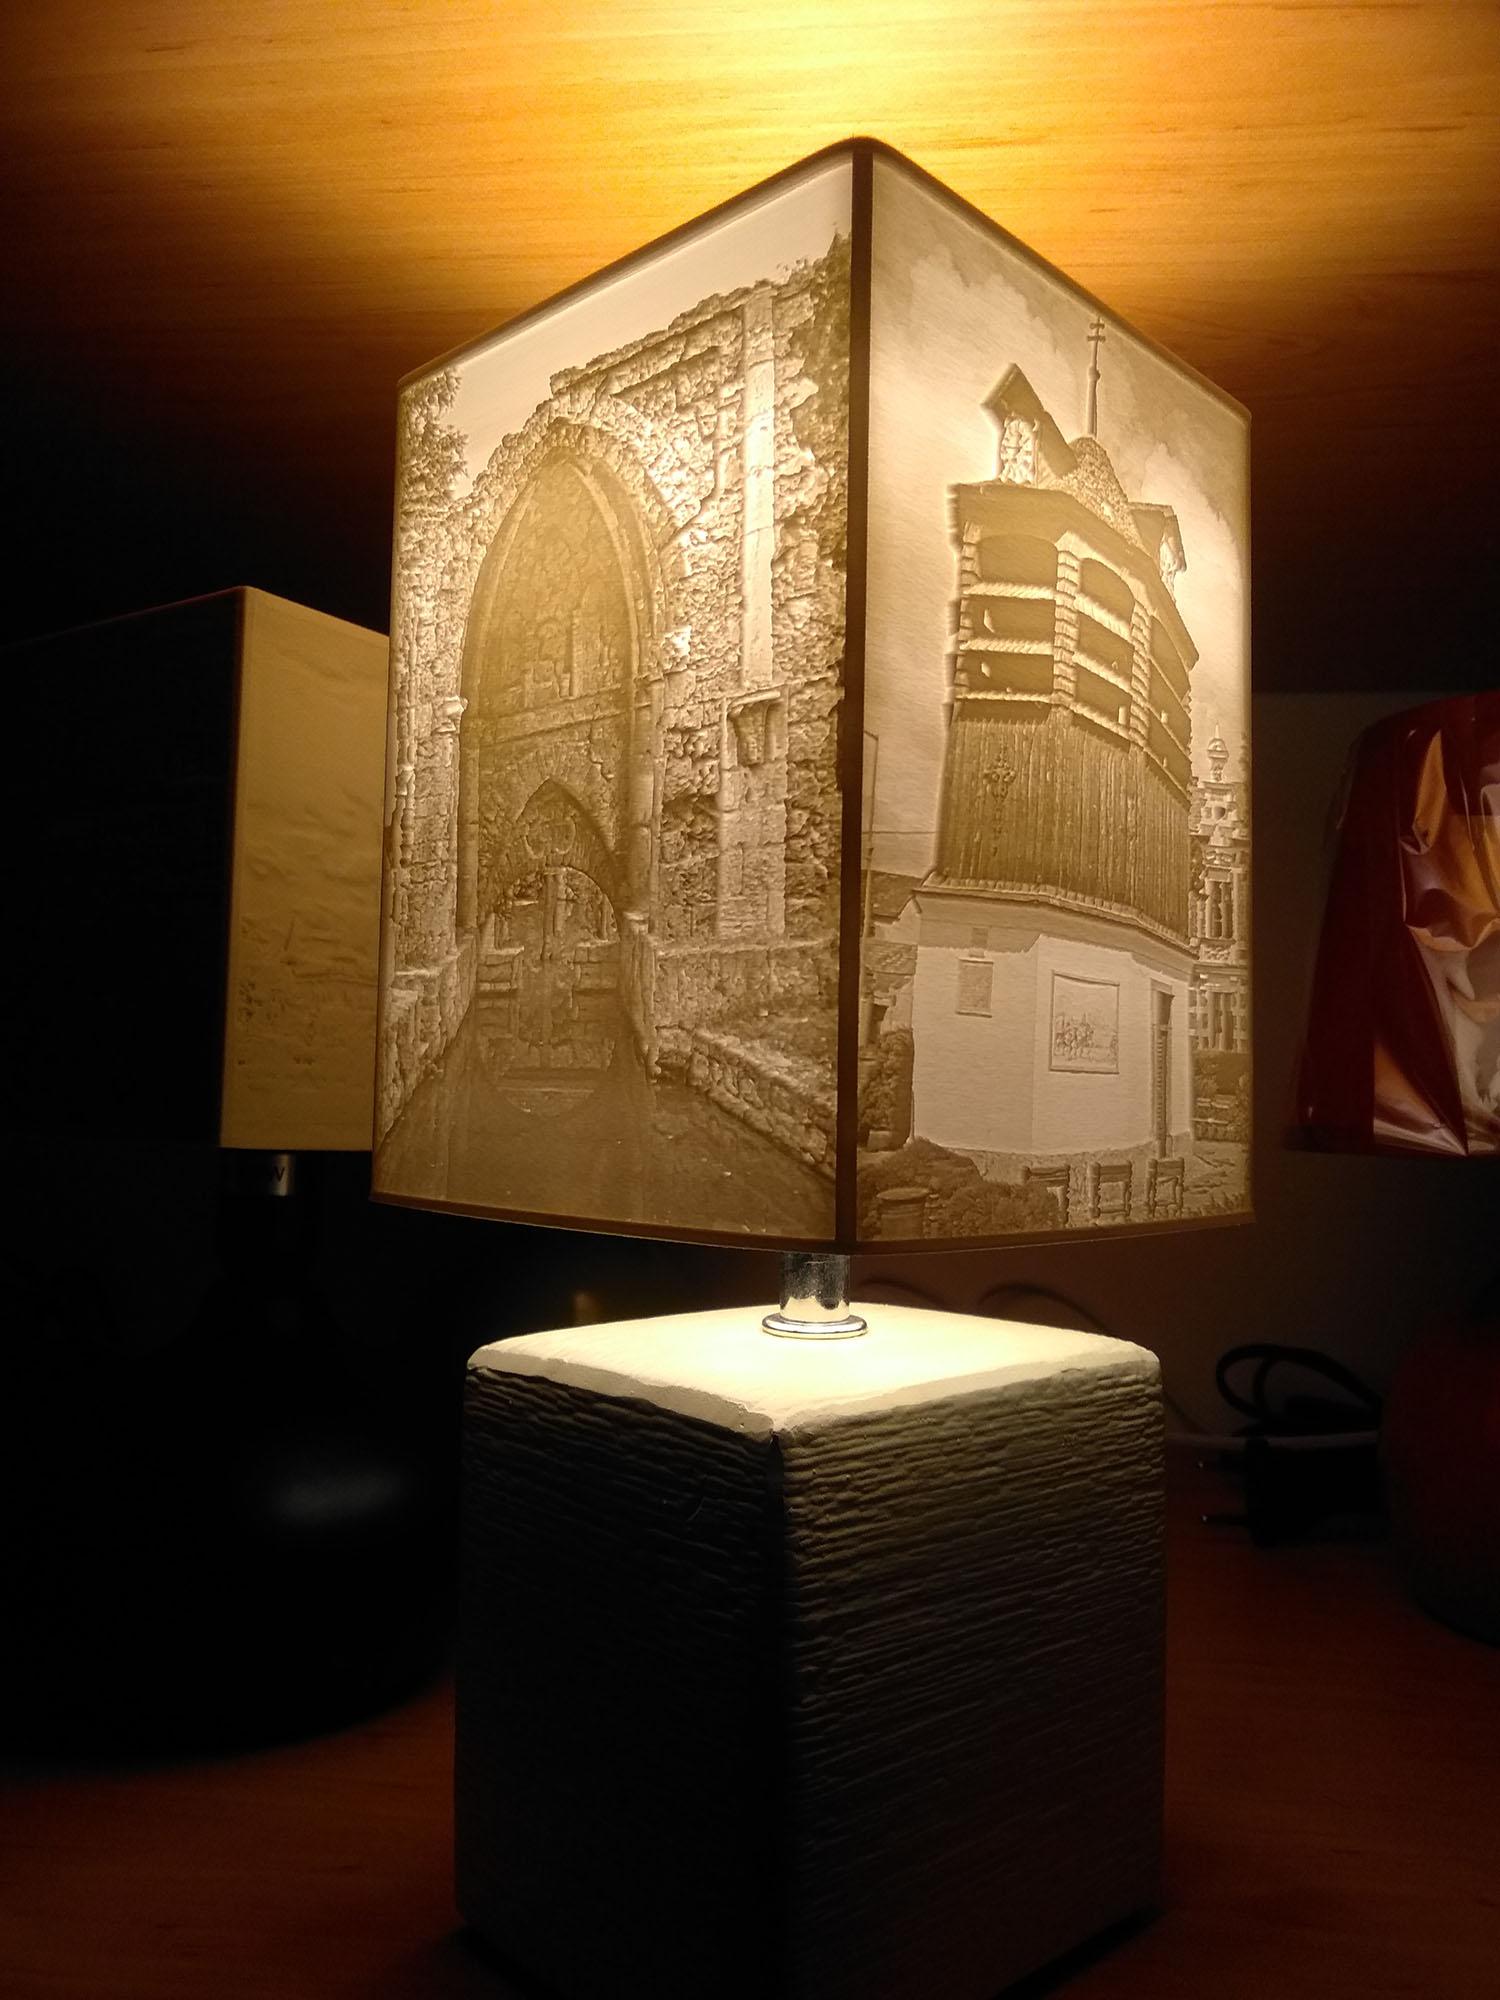 Egylámpa.hu - Egyedi fényképes ajándékok - Egyedi fényképes lámpa - Emléklámpa